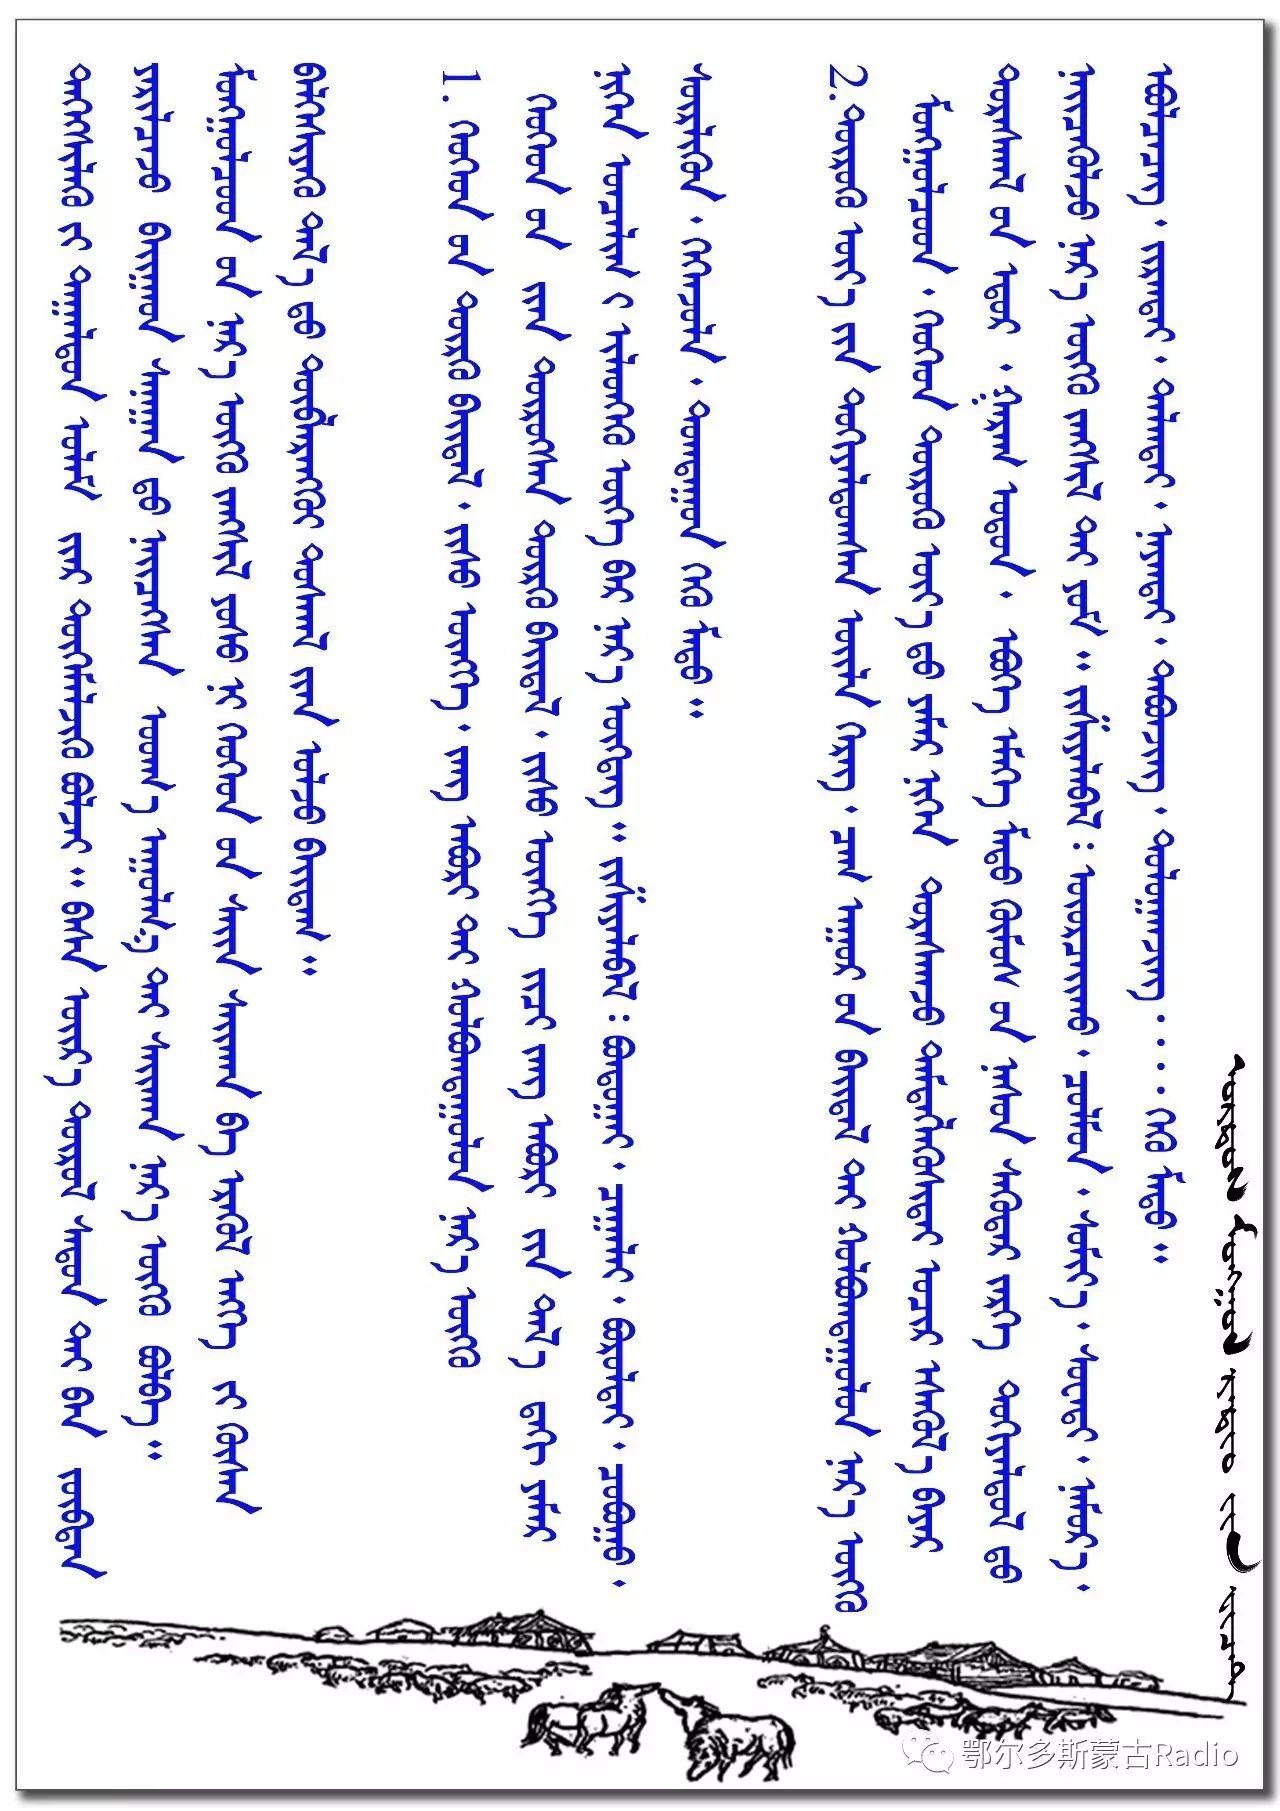 【习俗】蒙古人起名字习俗,年轻的父母们快来看看是怎么回事(蒙古文) 第3张 【习俗】蒙古人起名字习俗,年轻的父母们快来看看是怎么回事(蒙古文) 蒙古文库